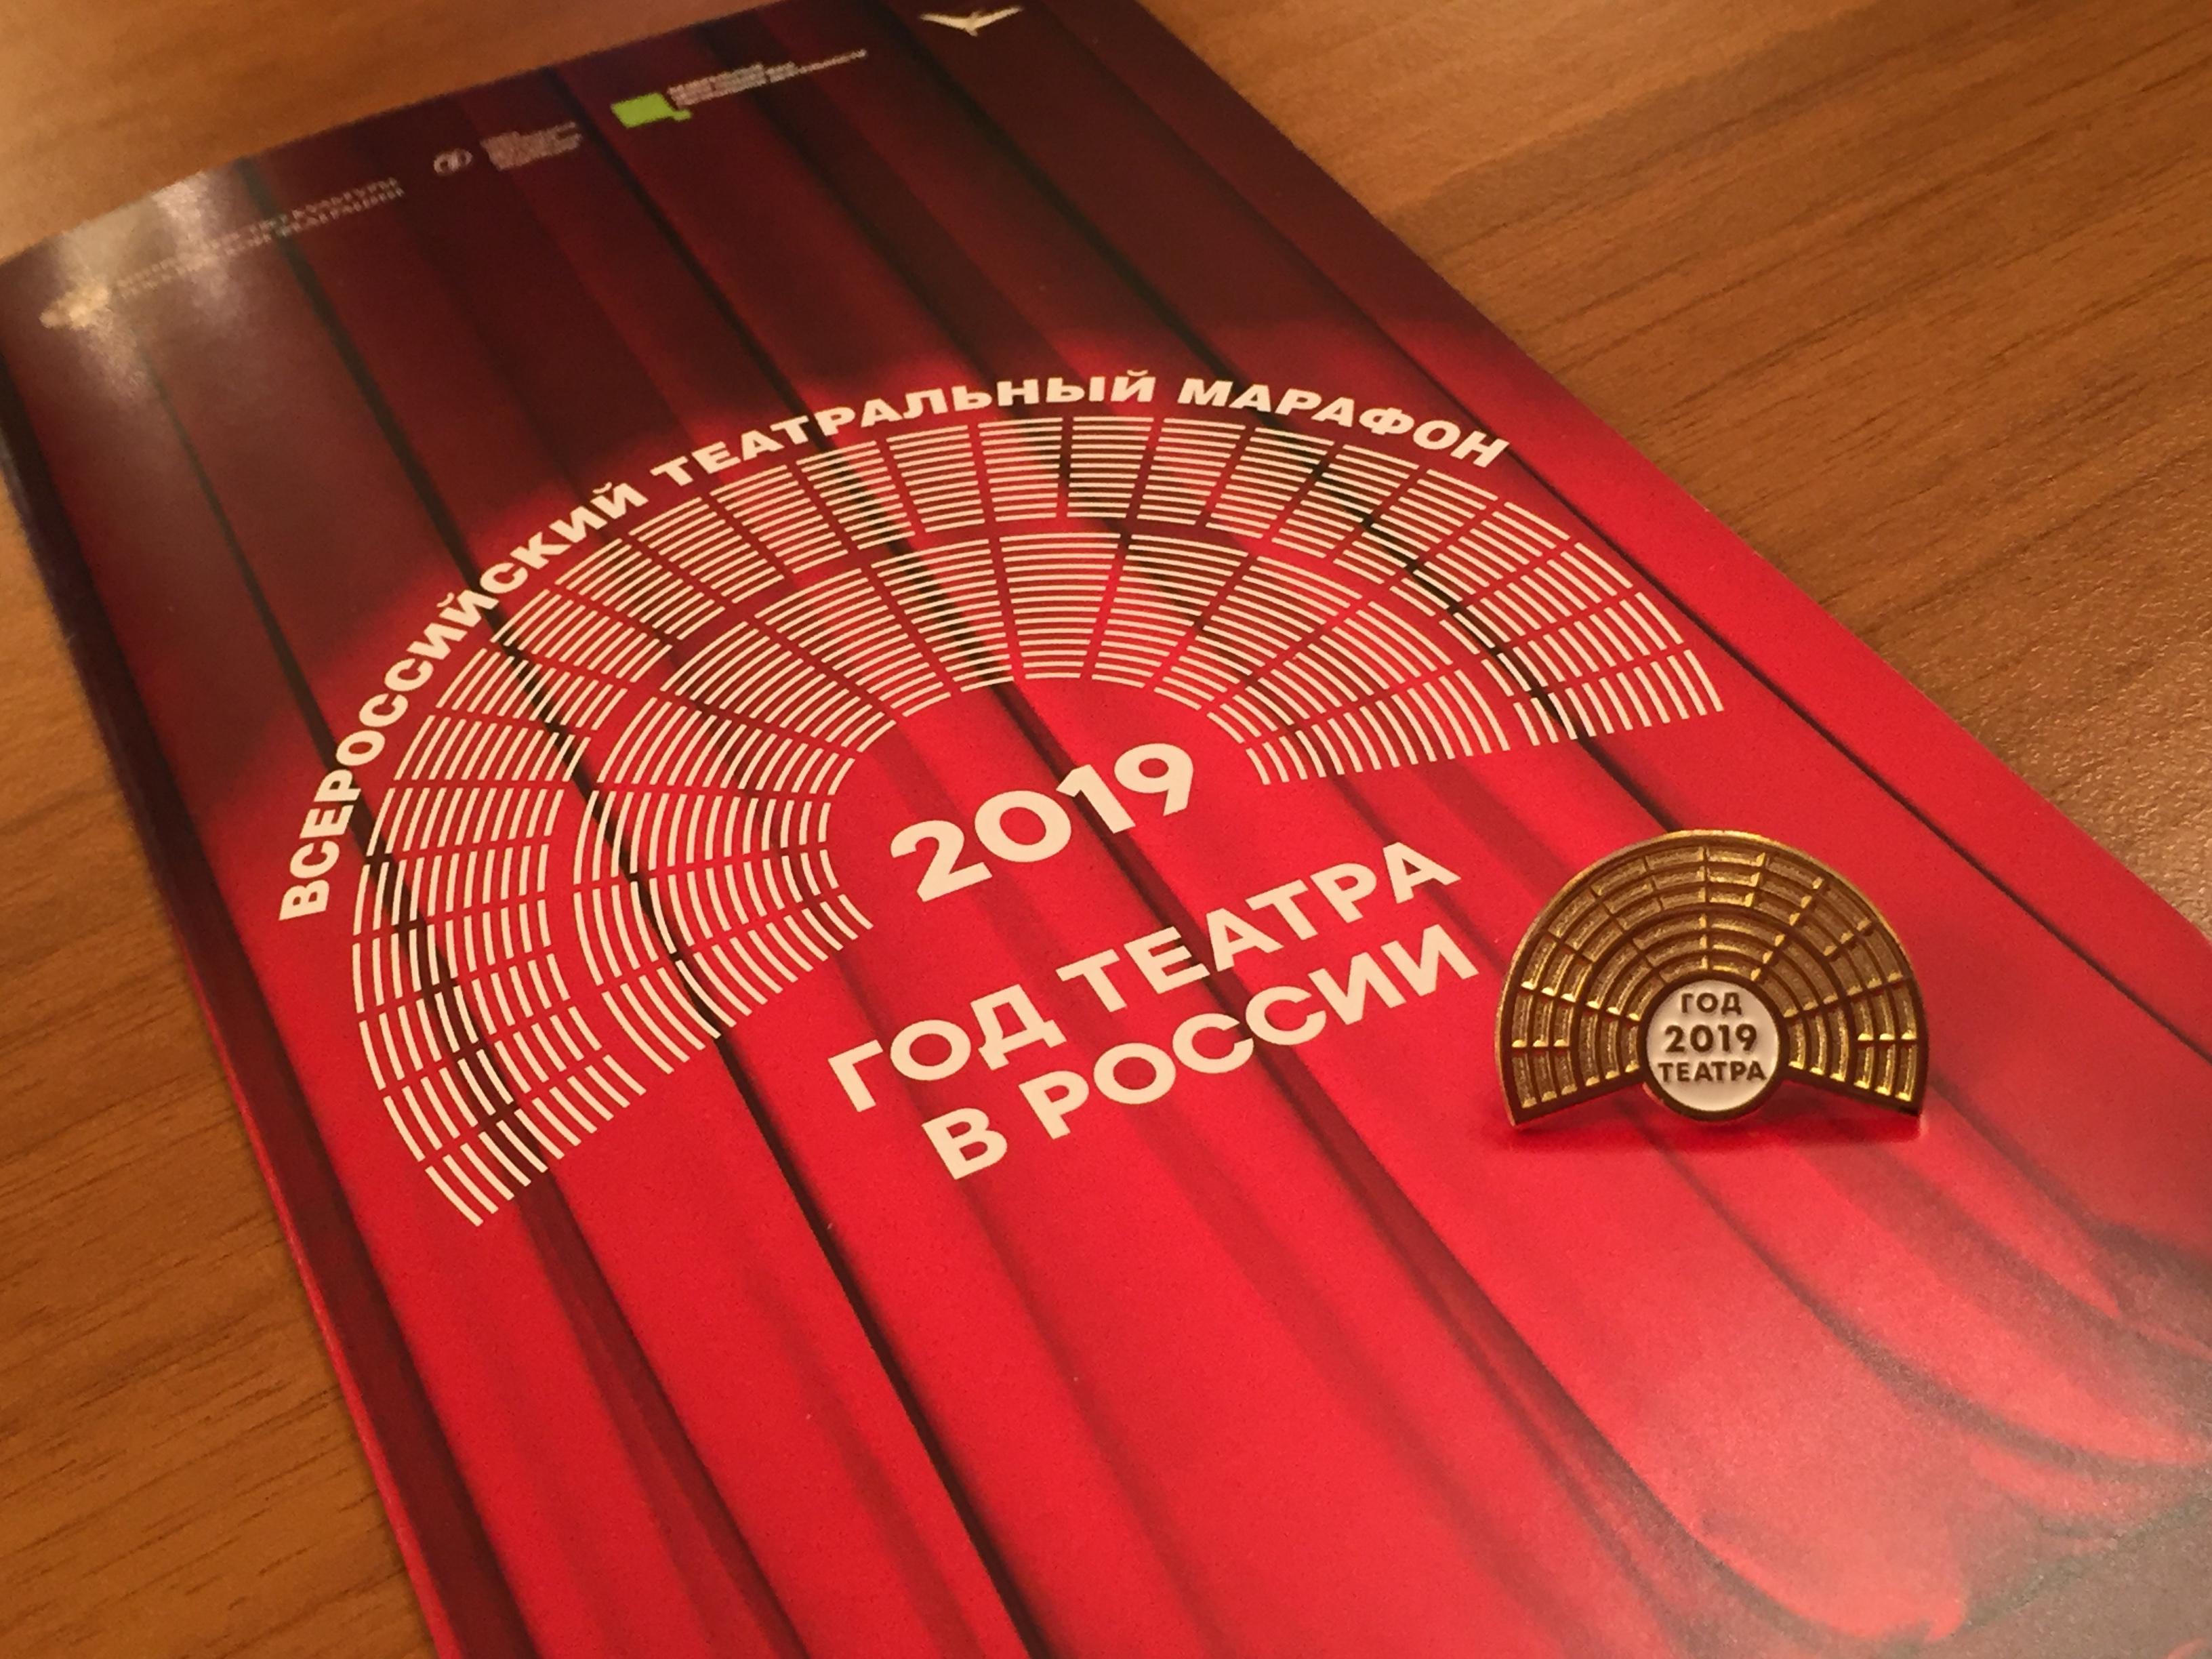 Тамбовская область примет эстафету Всероссийского театрального марафона